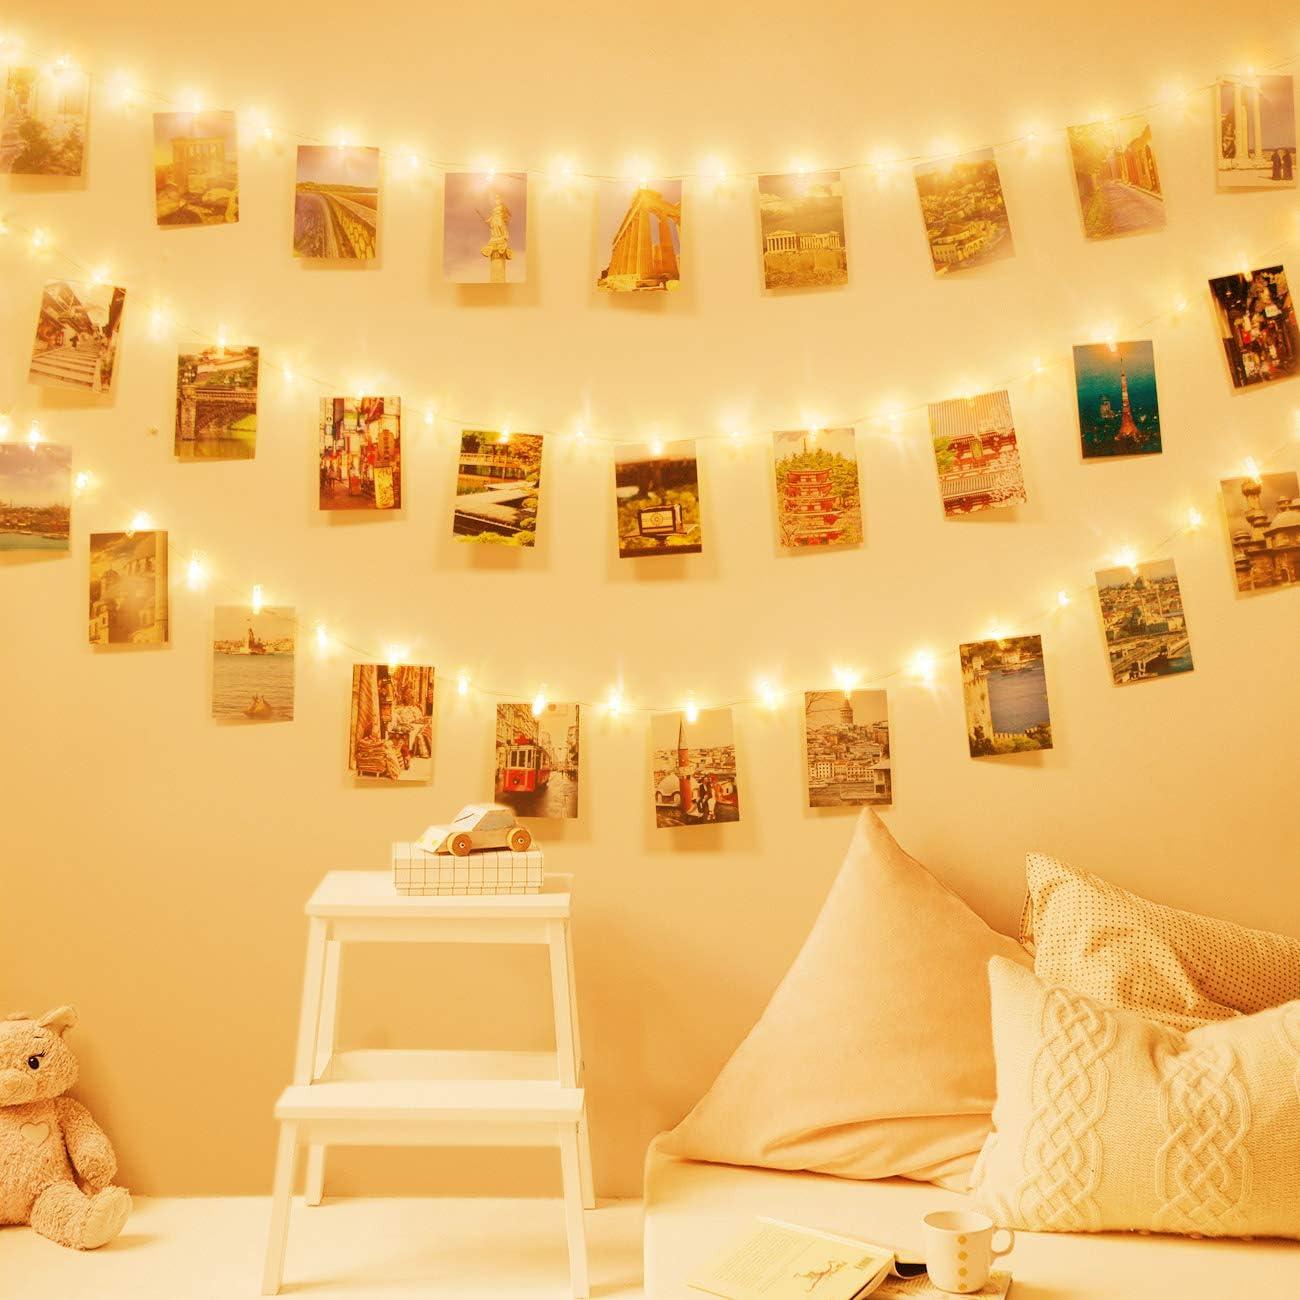 cuadros con pinzas para colgar fotos con luces led